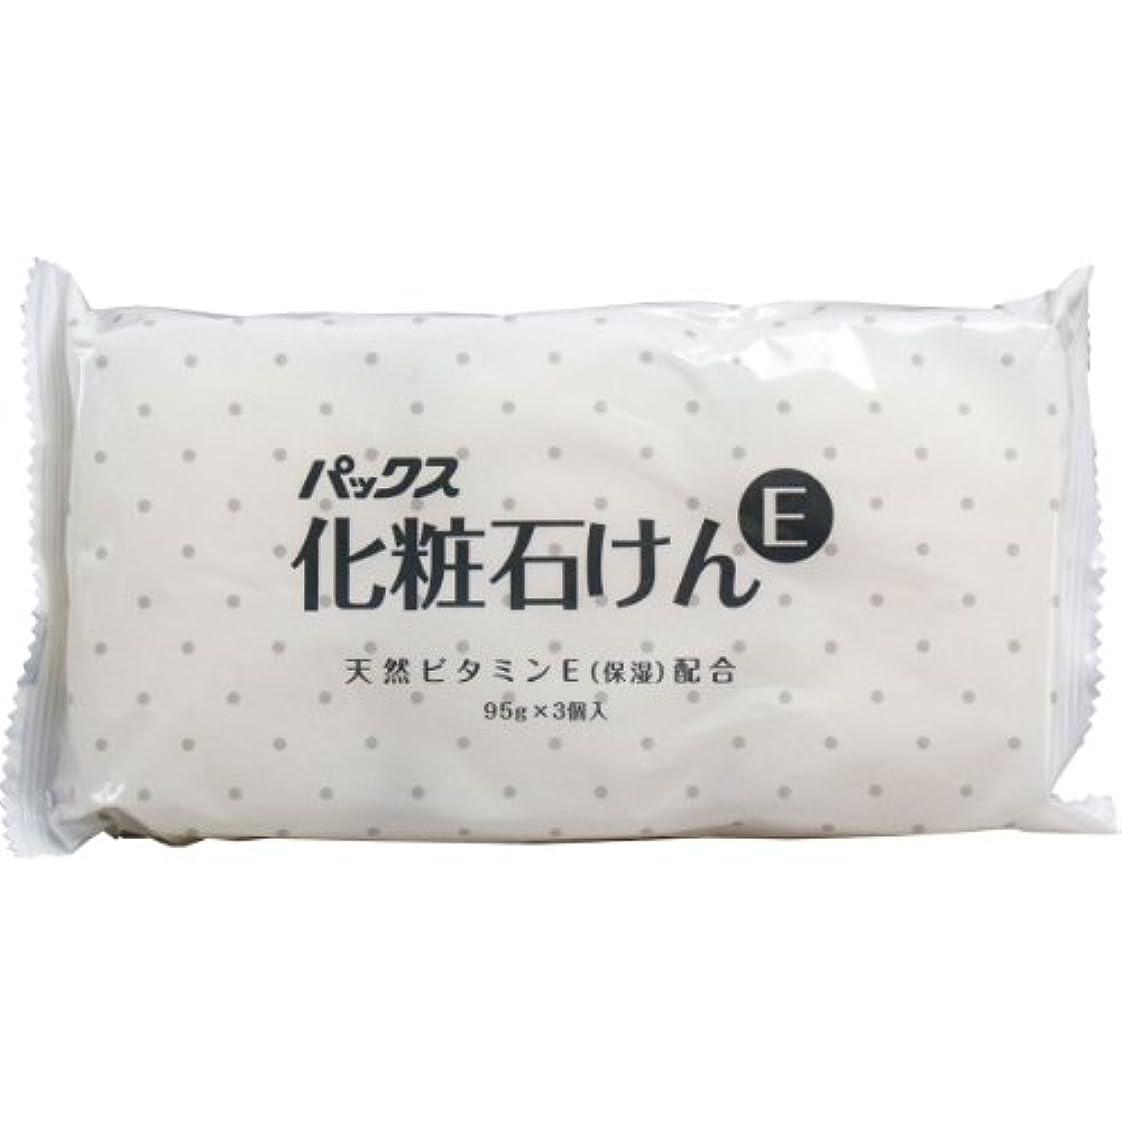 バタフライお手伝いさん式パックス化粧石けんE 95g×3